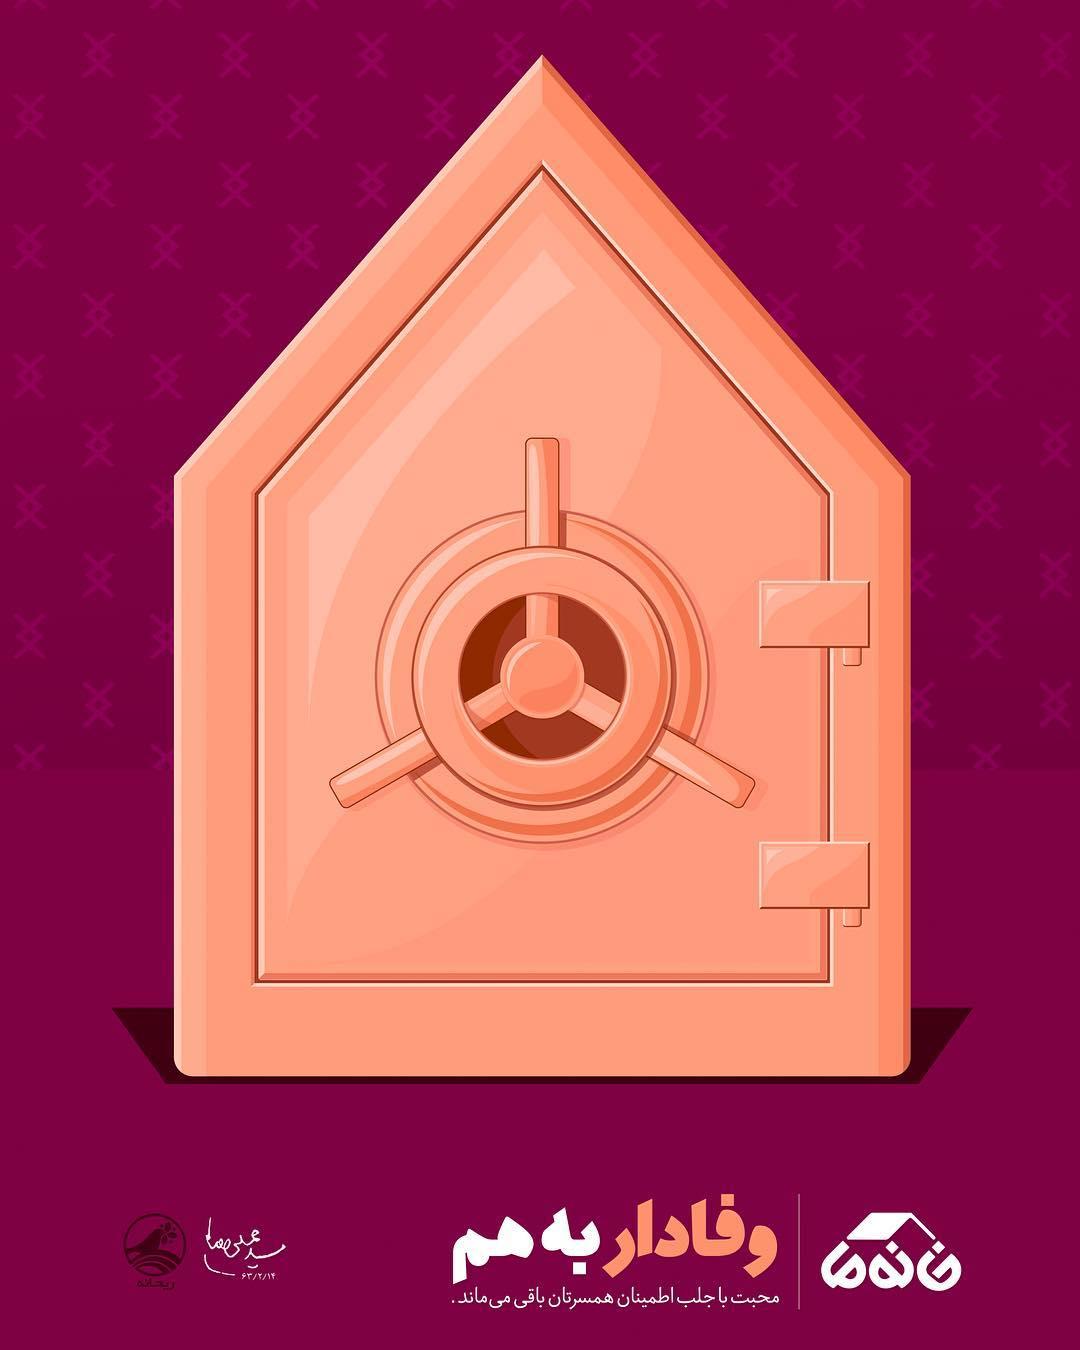 مجموعه طرح خانه ما-قسمت دوُم.jpg (1080×1350)